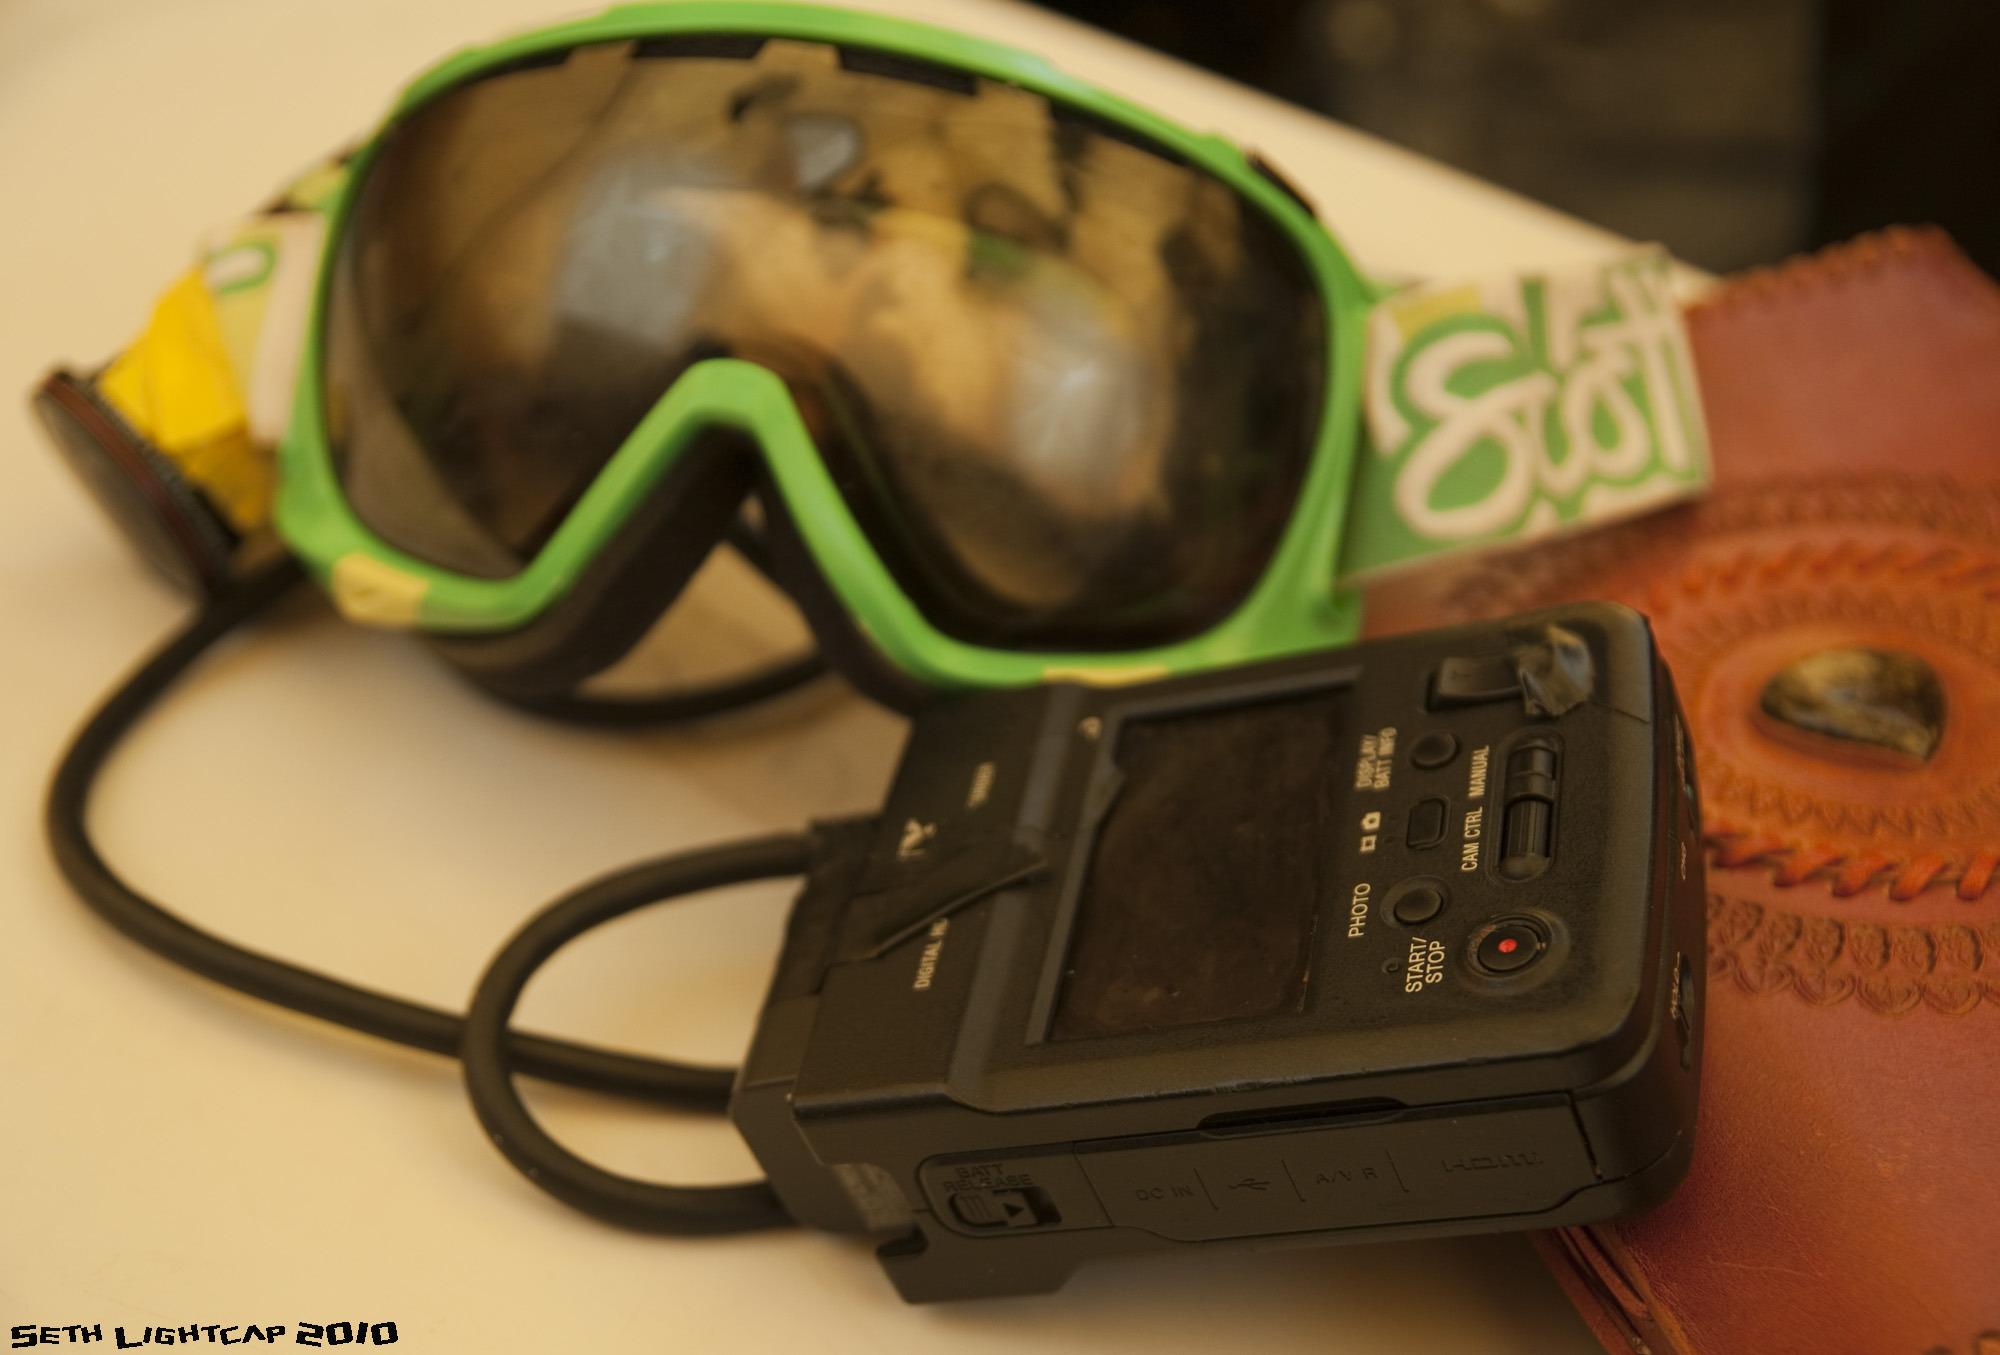 Jones' Helmet cam and Journal